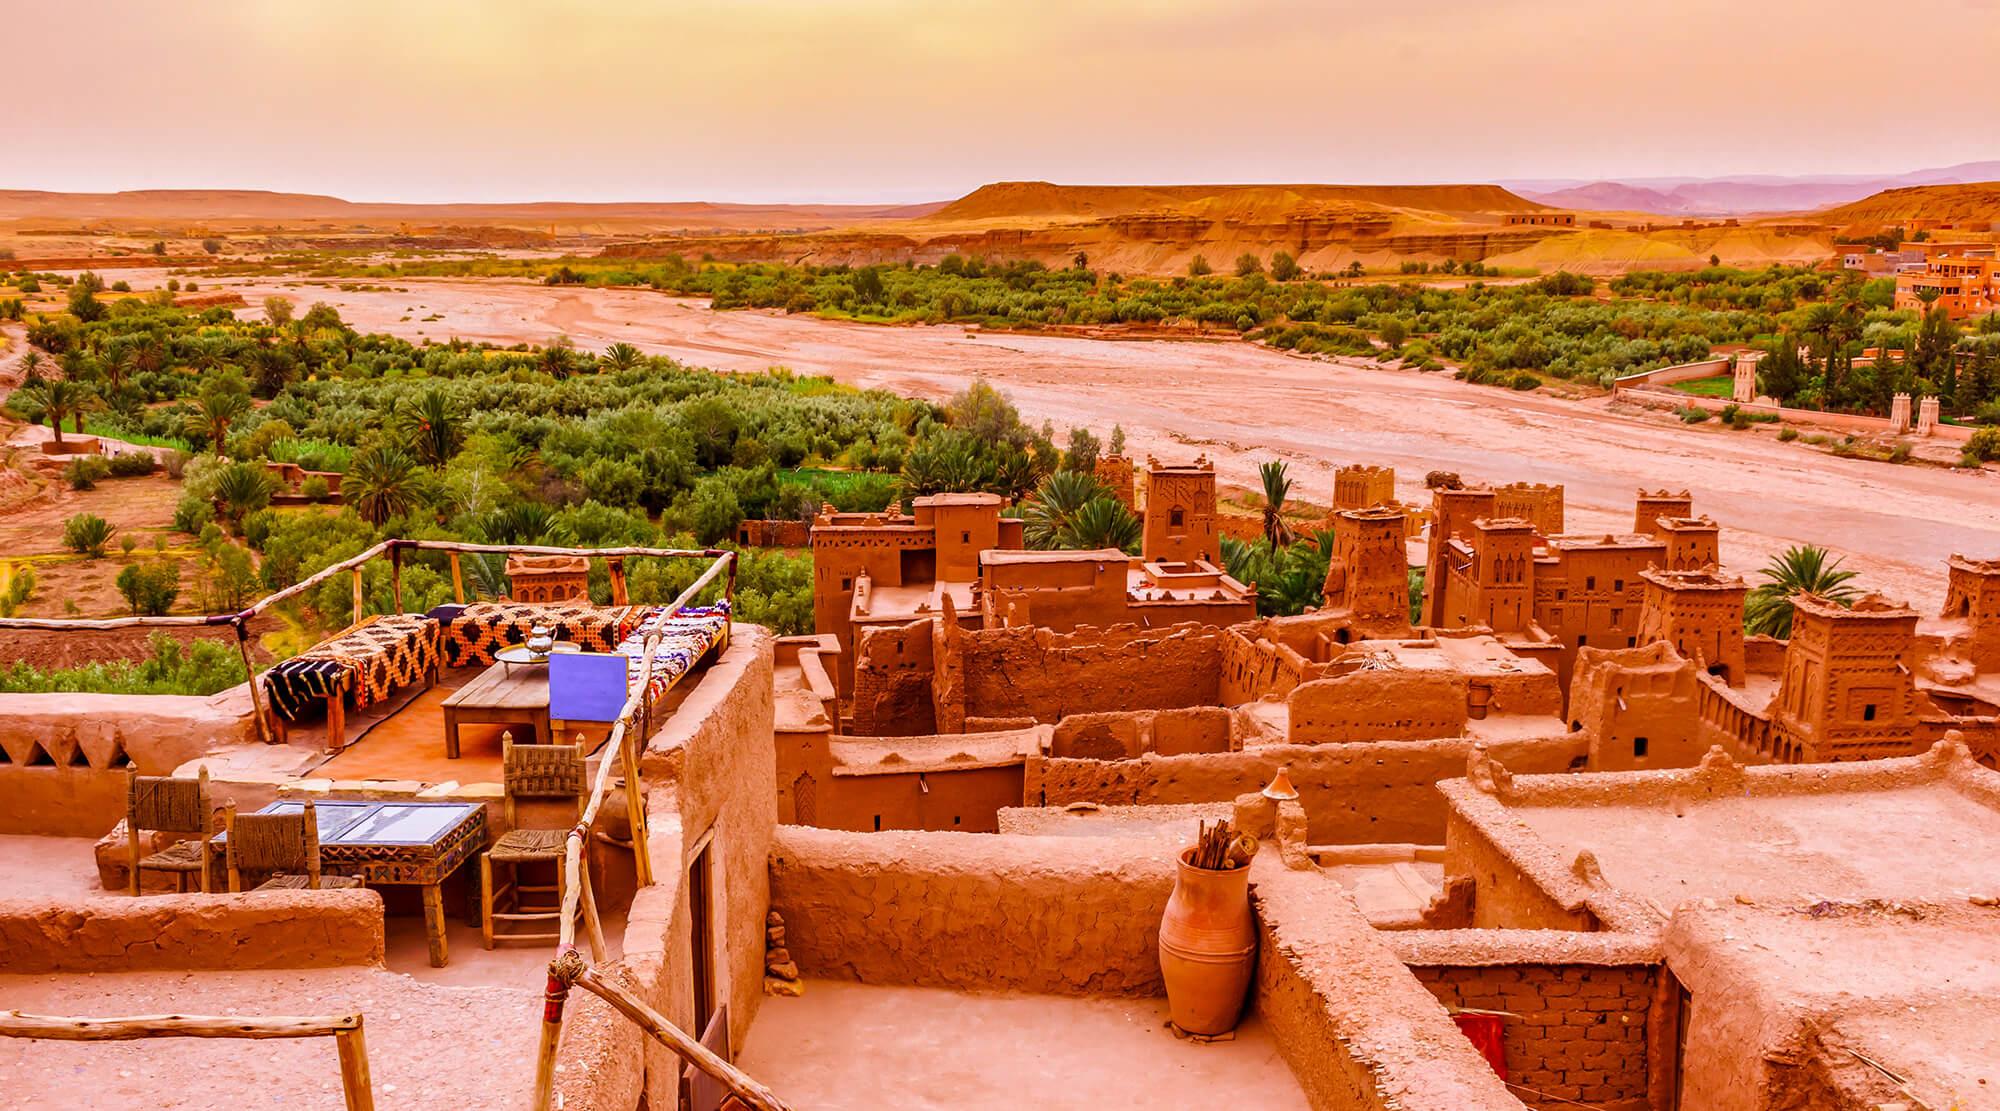 Sahara Desert Tour - Deserts of Morocco - Desert Towns To Visit